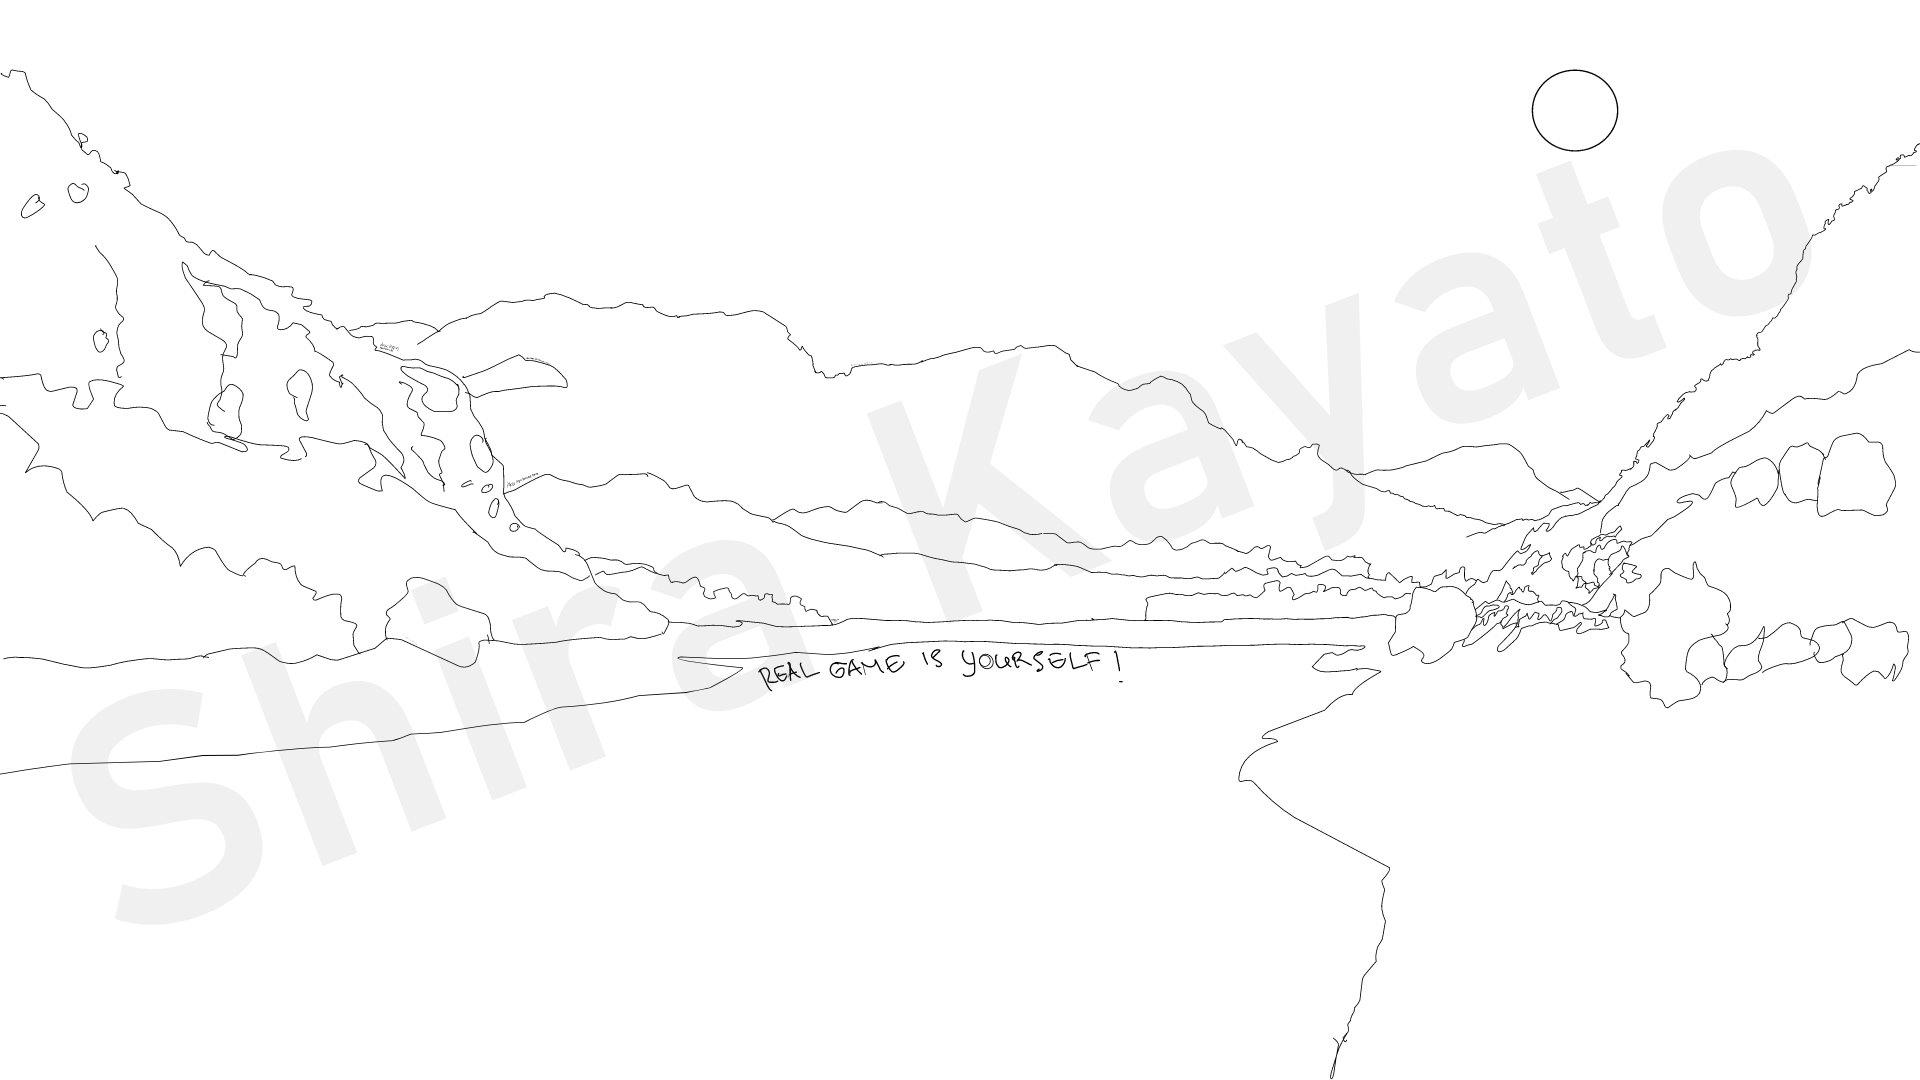 Landscape forest sketch